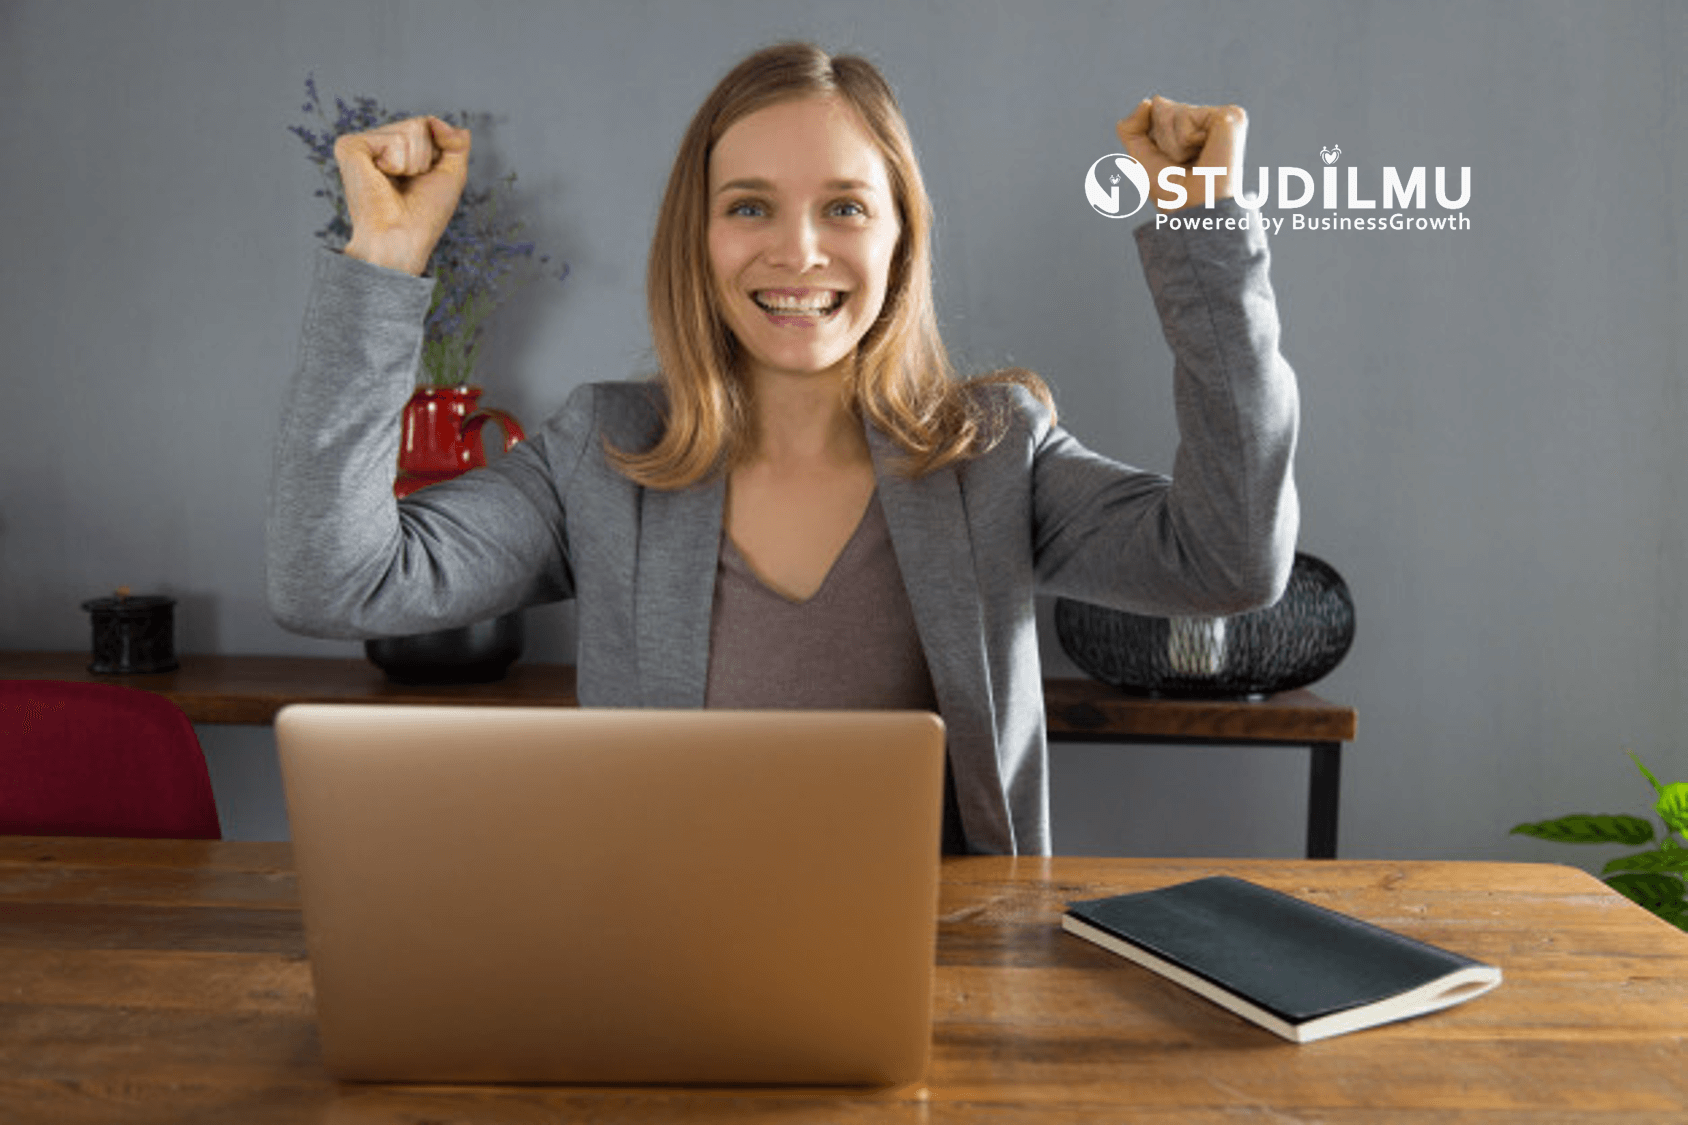 5 Kualitas yang Perlu Diterapkan untuk Menjadi Orang yang Optimis